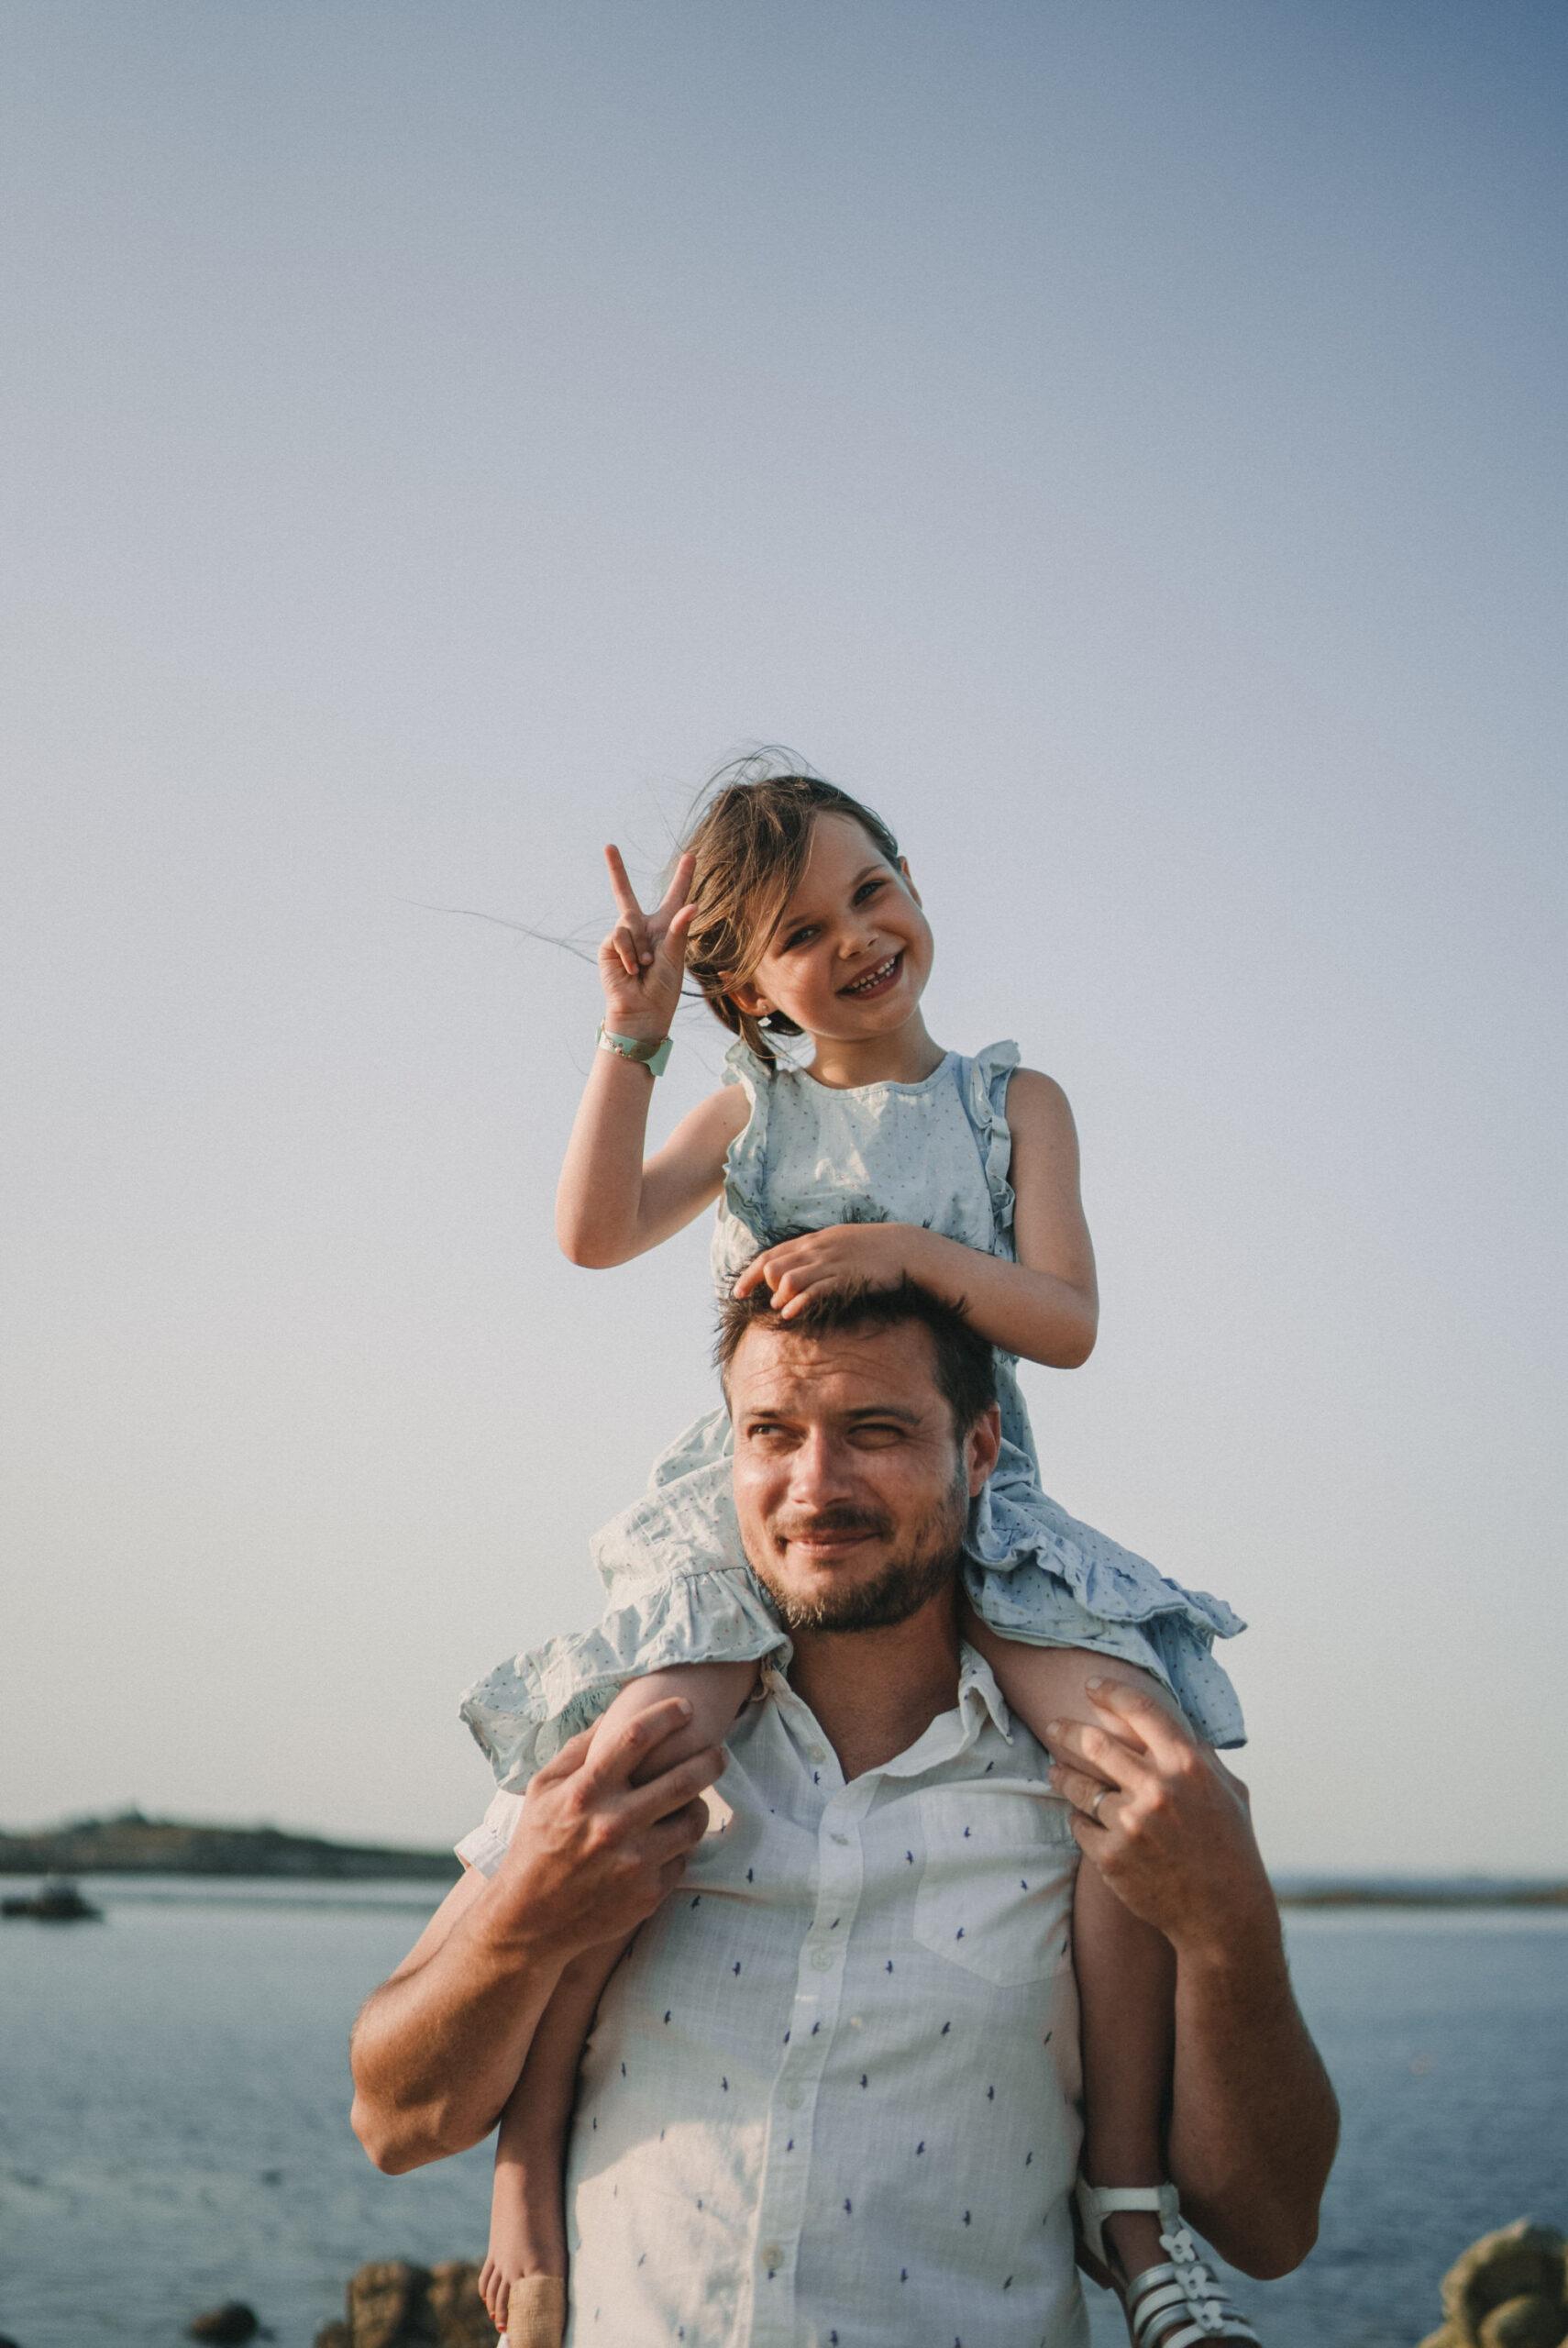 2021.07.20 Photo De Famille A Porspoder En Bretagne Par Antoine Borzeix 87 Scaled, Photographe & Videaste à Brest / Finistère